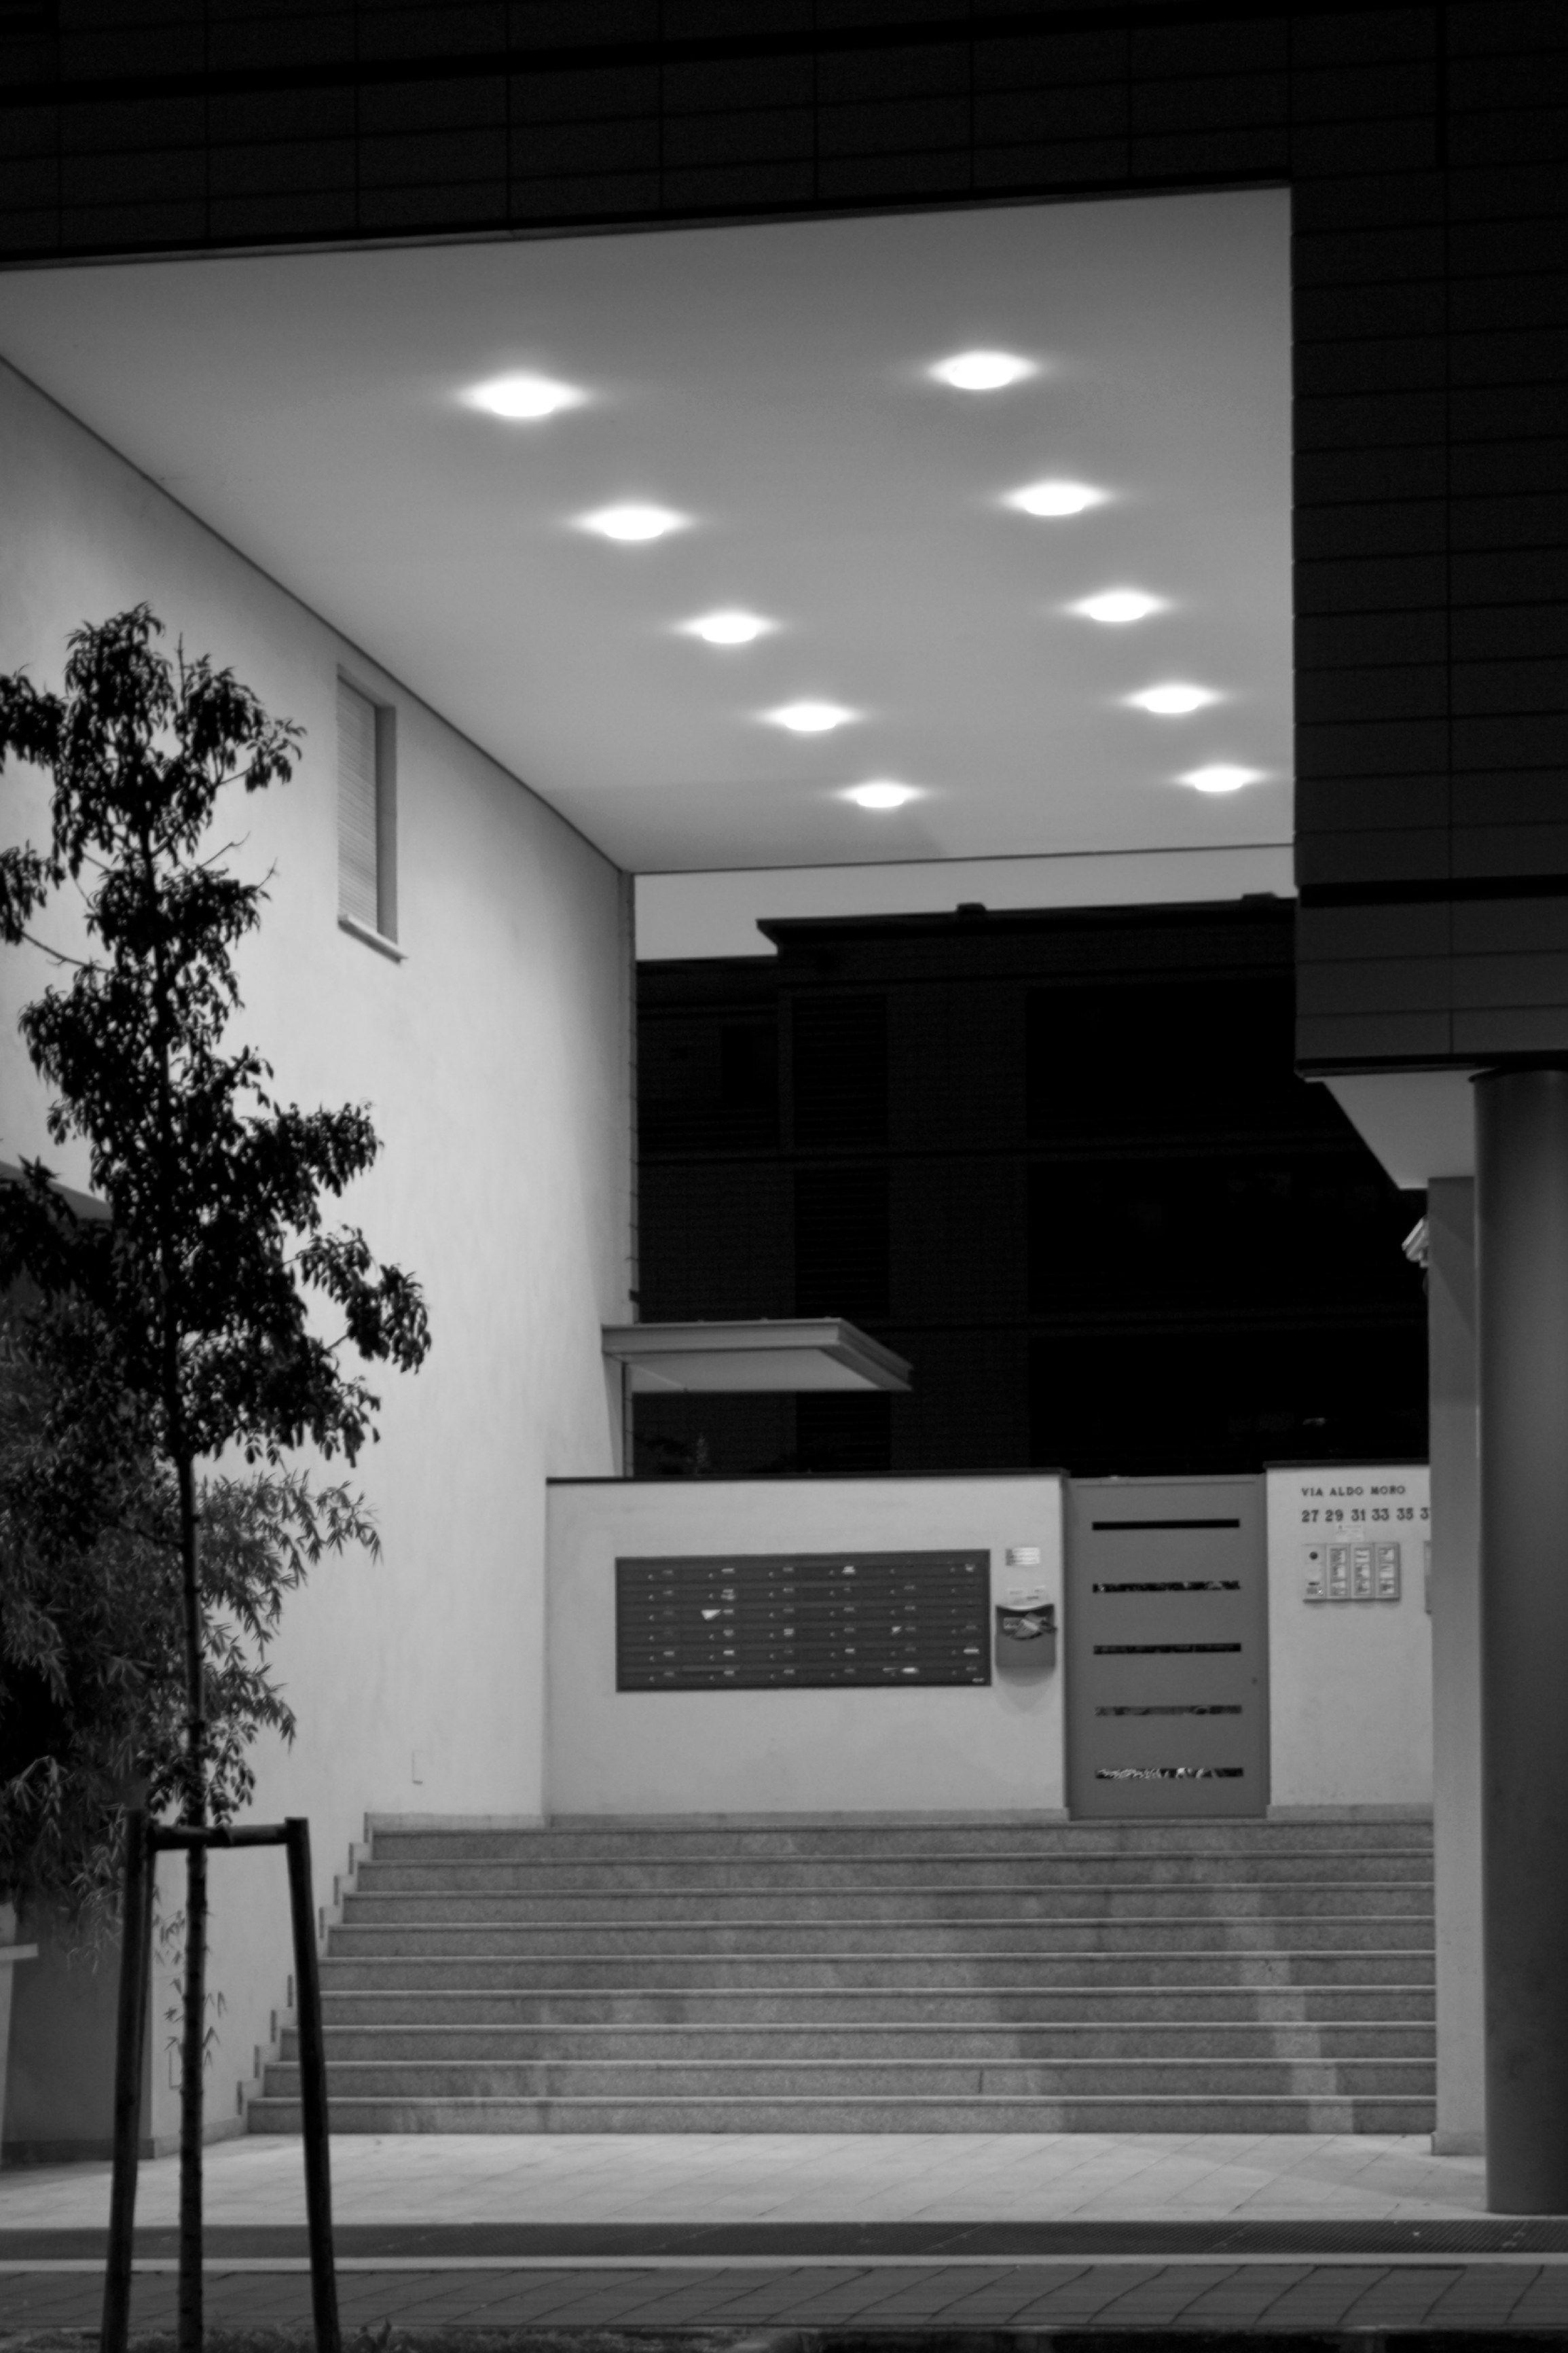 Illuminazione da incasso a led a soffitto 2100 incasso a for Illuminazione led a soffitto